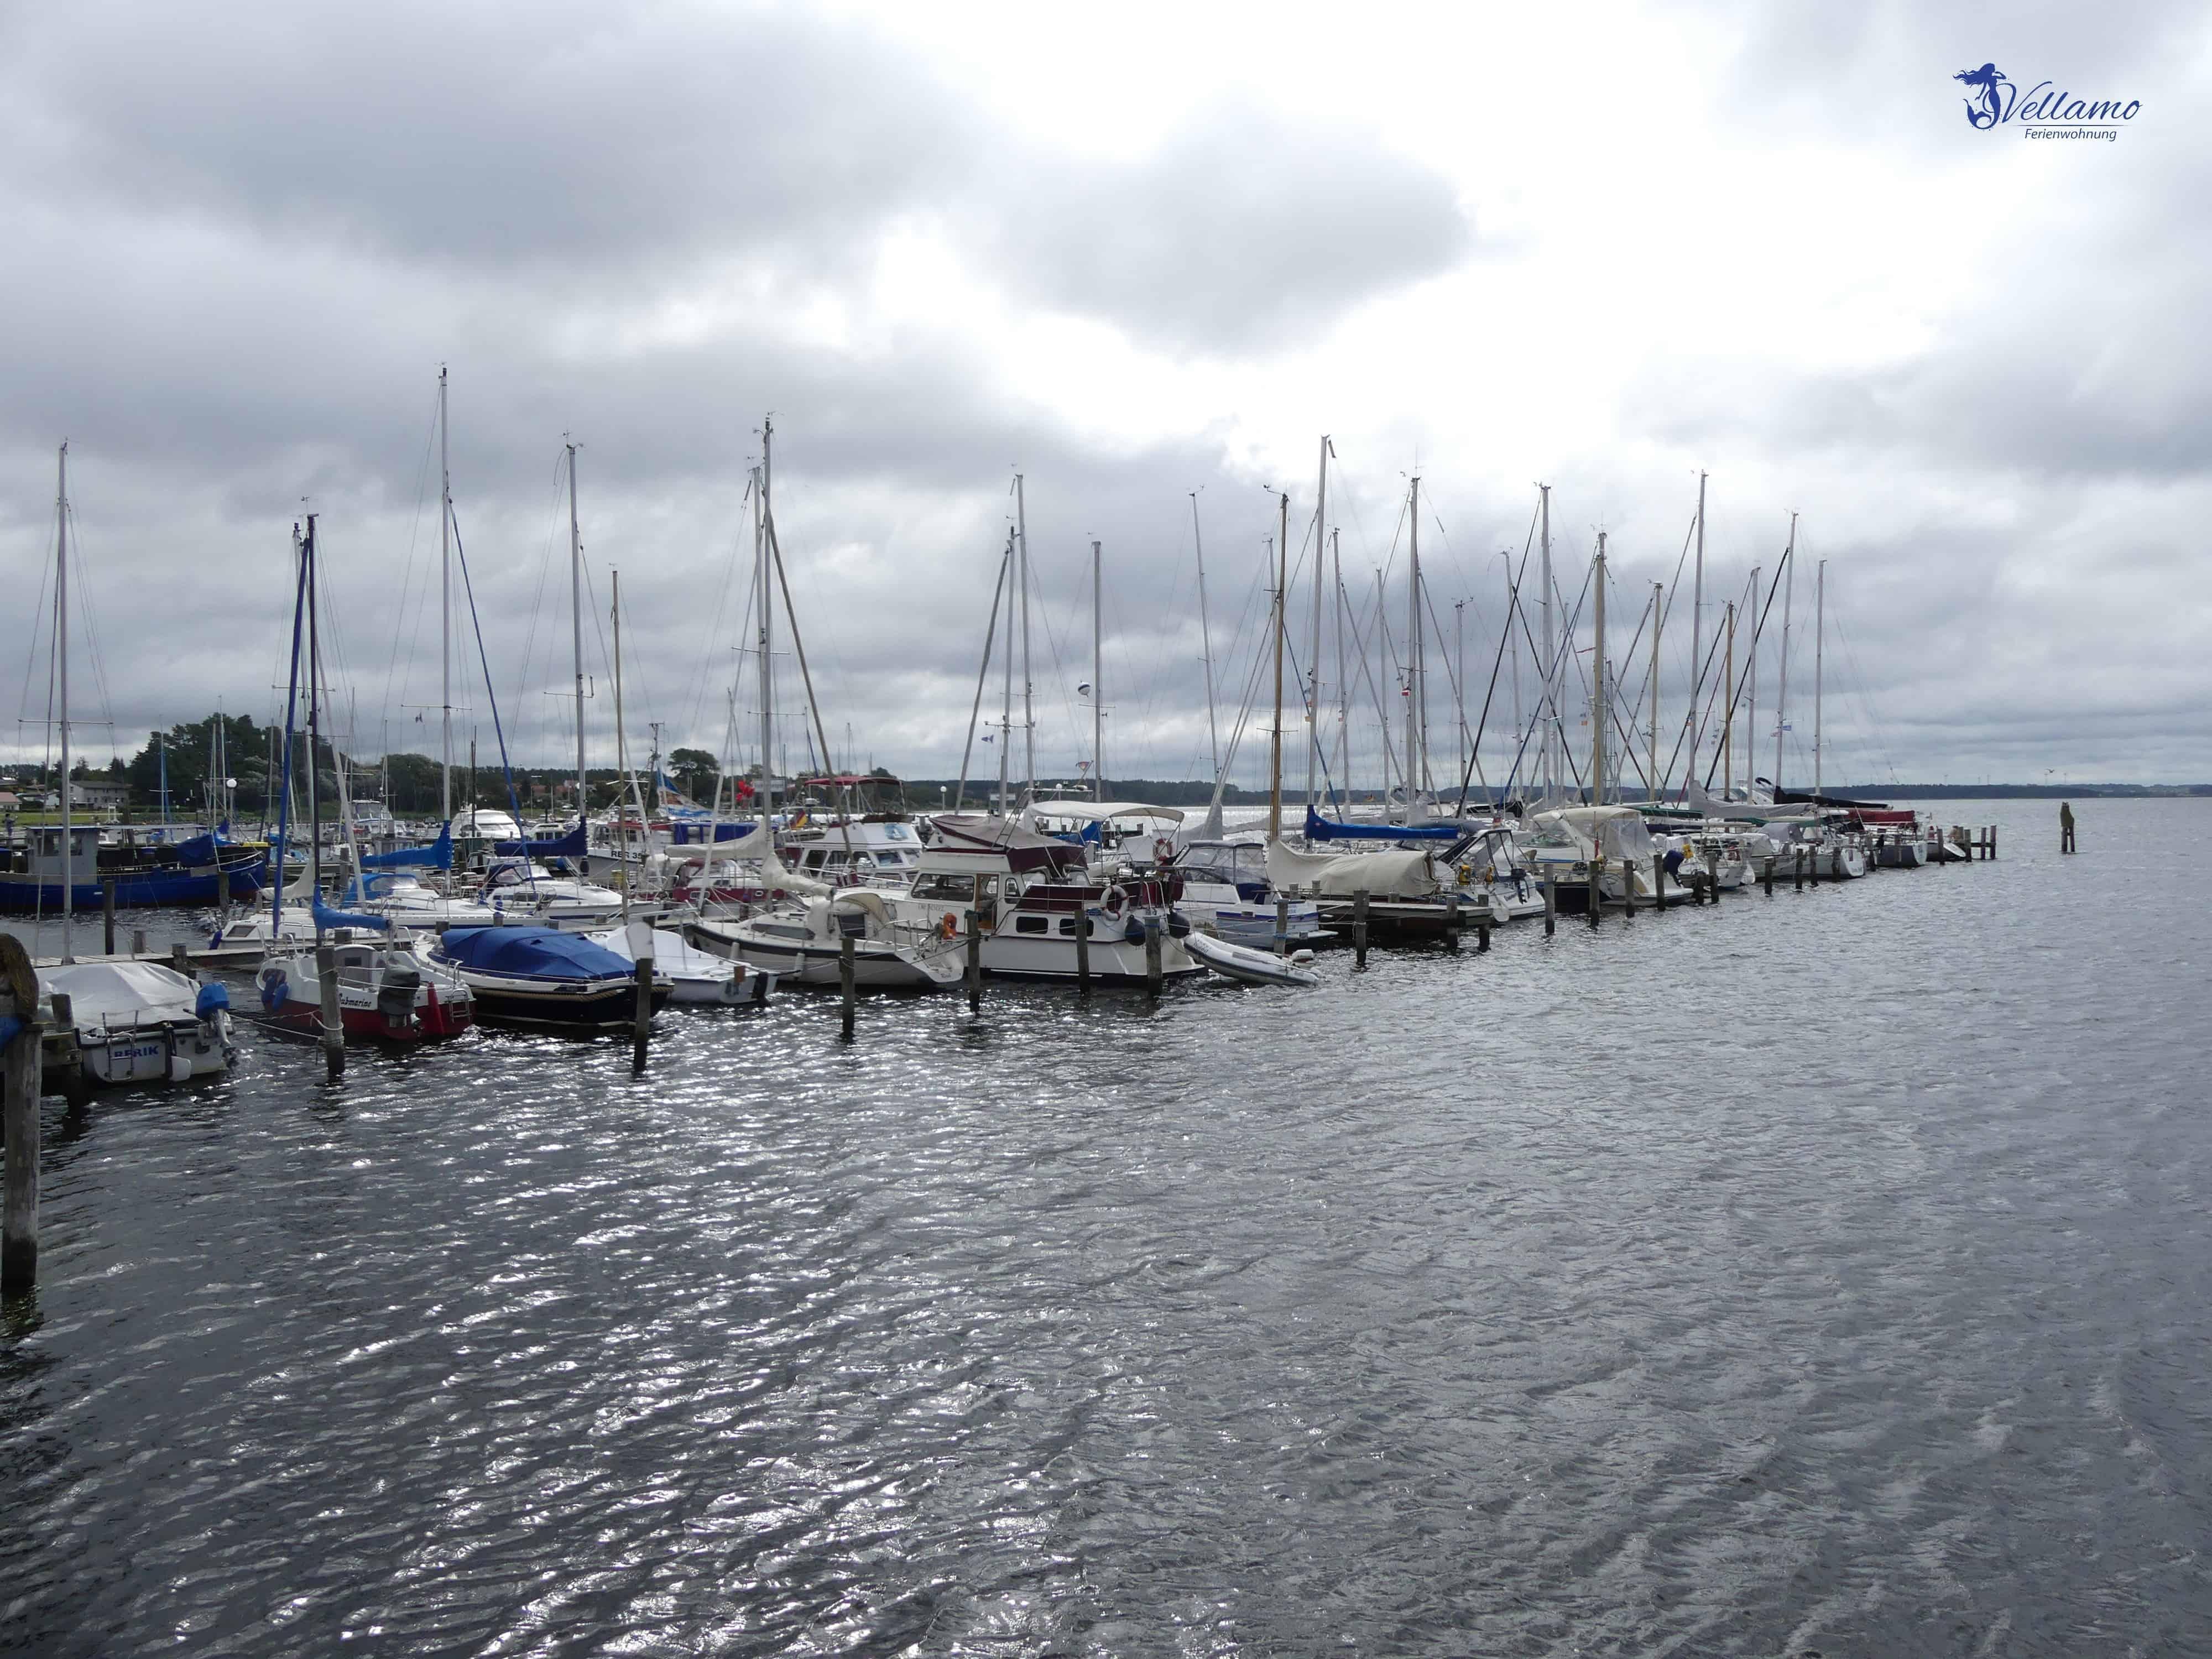 Impressionen Ostseebad Rerik - Segelboote im Hafen